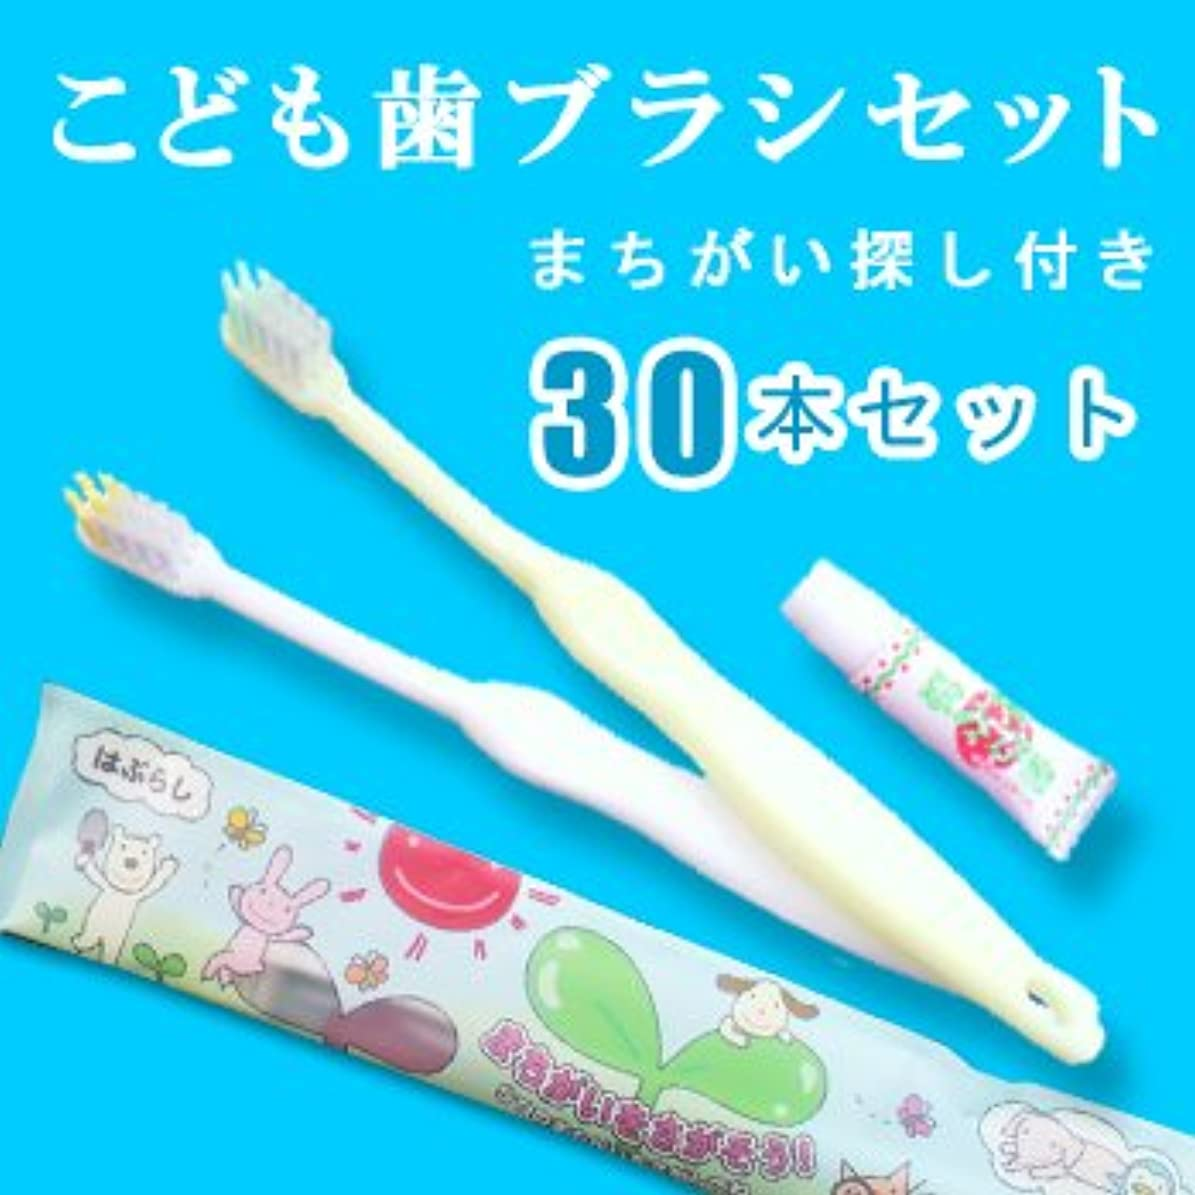 アマゾンジャングルページェント霧深いこども歯ブラシ いちご味の歯磨き粉3gチューブ付 ホワイト?イエロー各15本アソート(1セット30本)